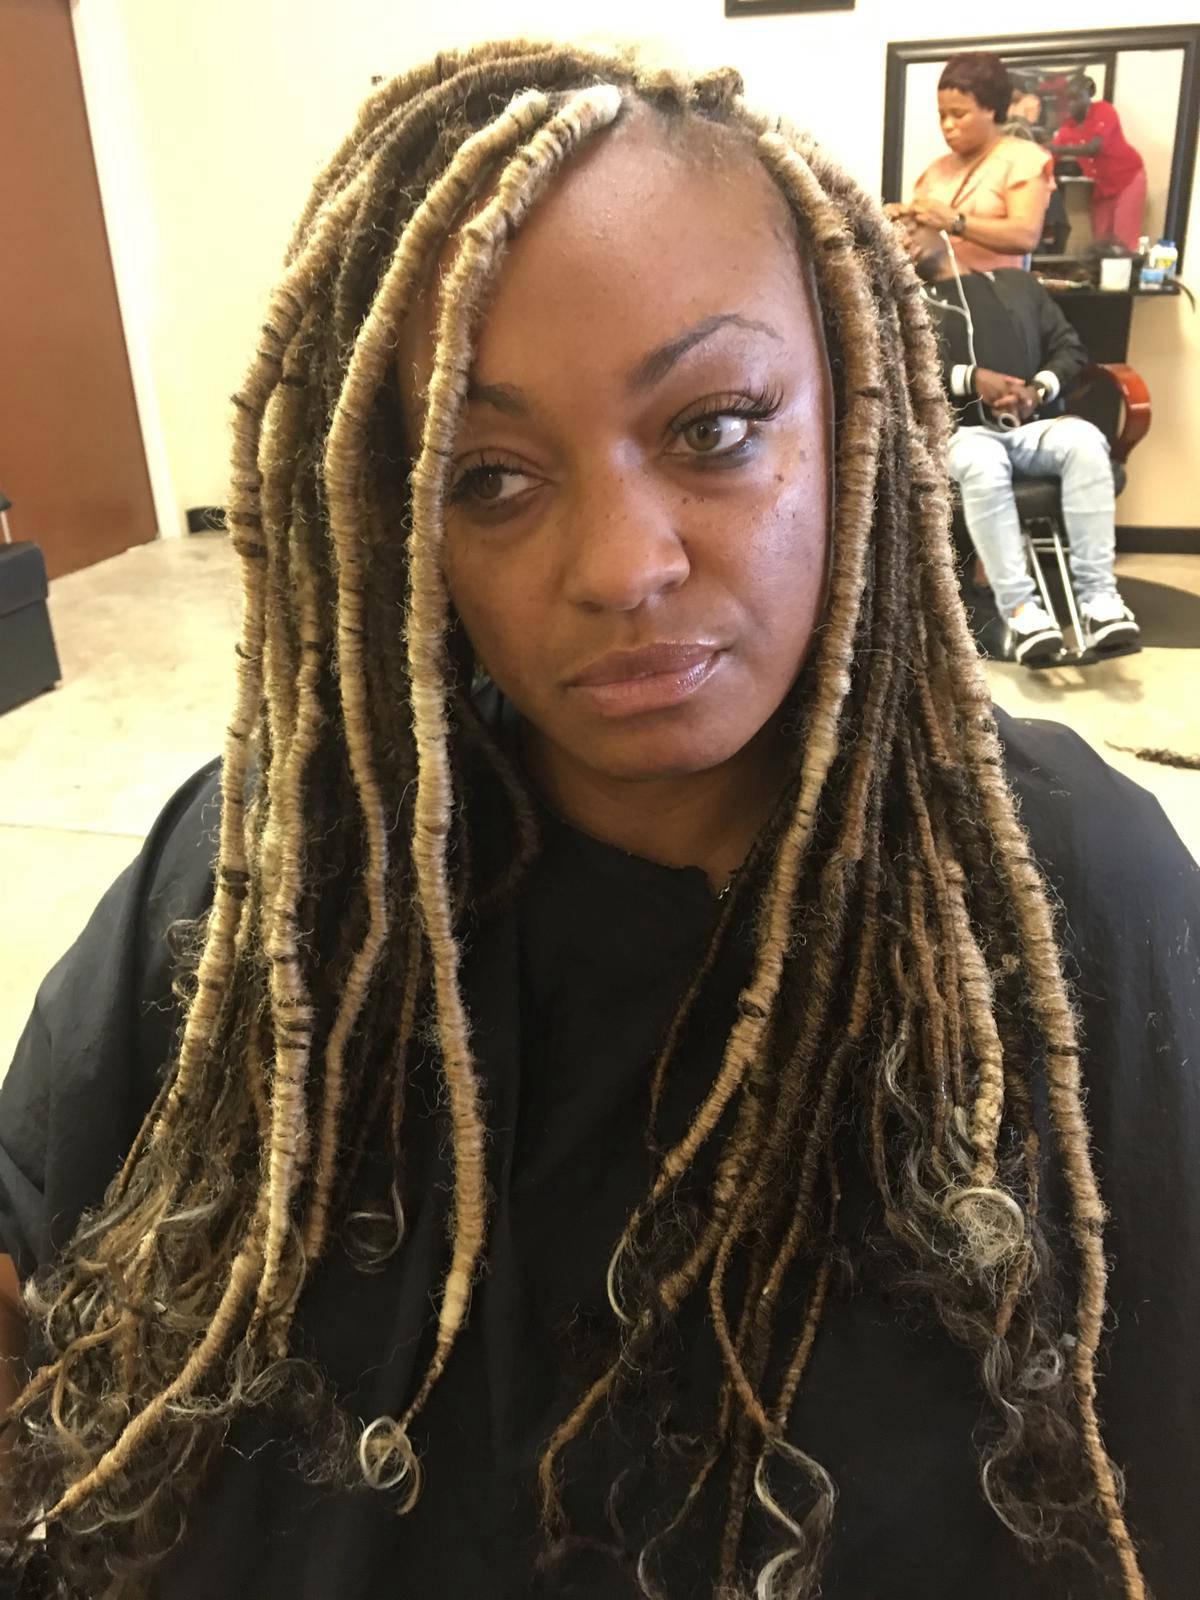 Mount Zion Road Hair Braiding Hair Braiding Salon Near